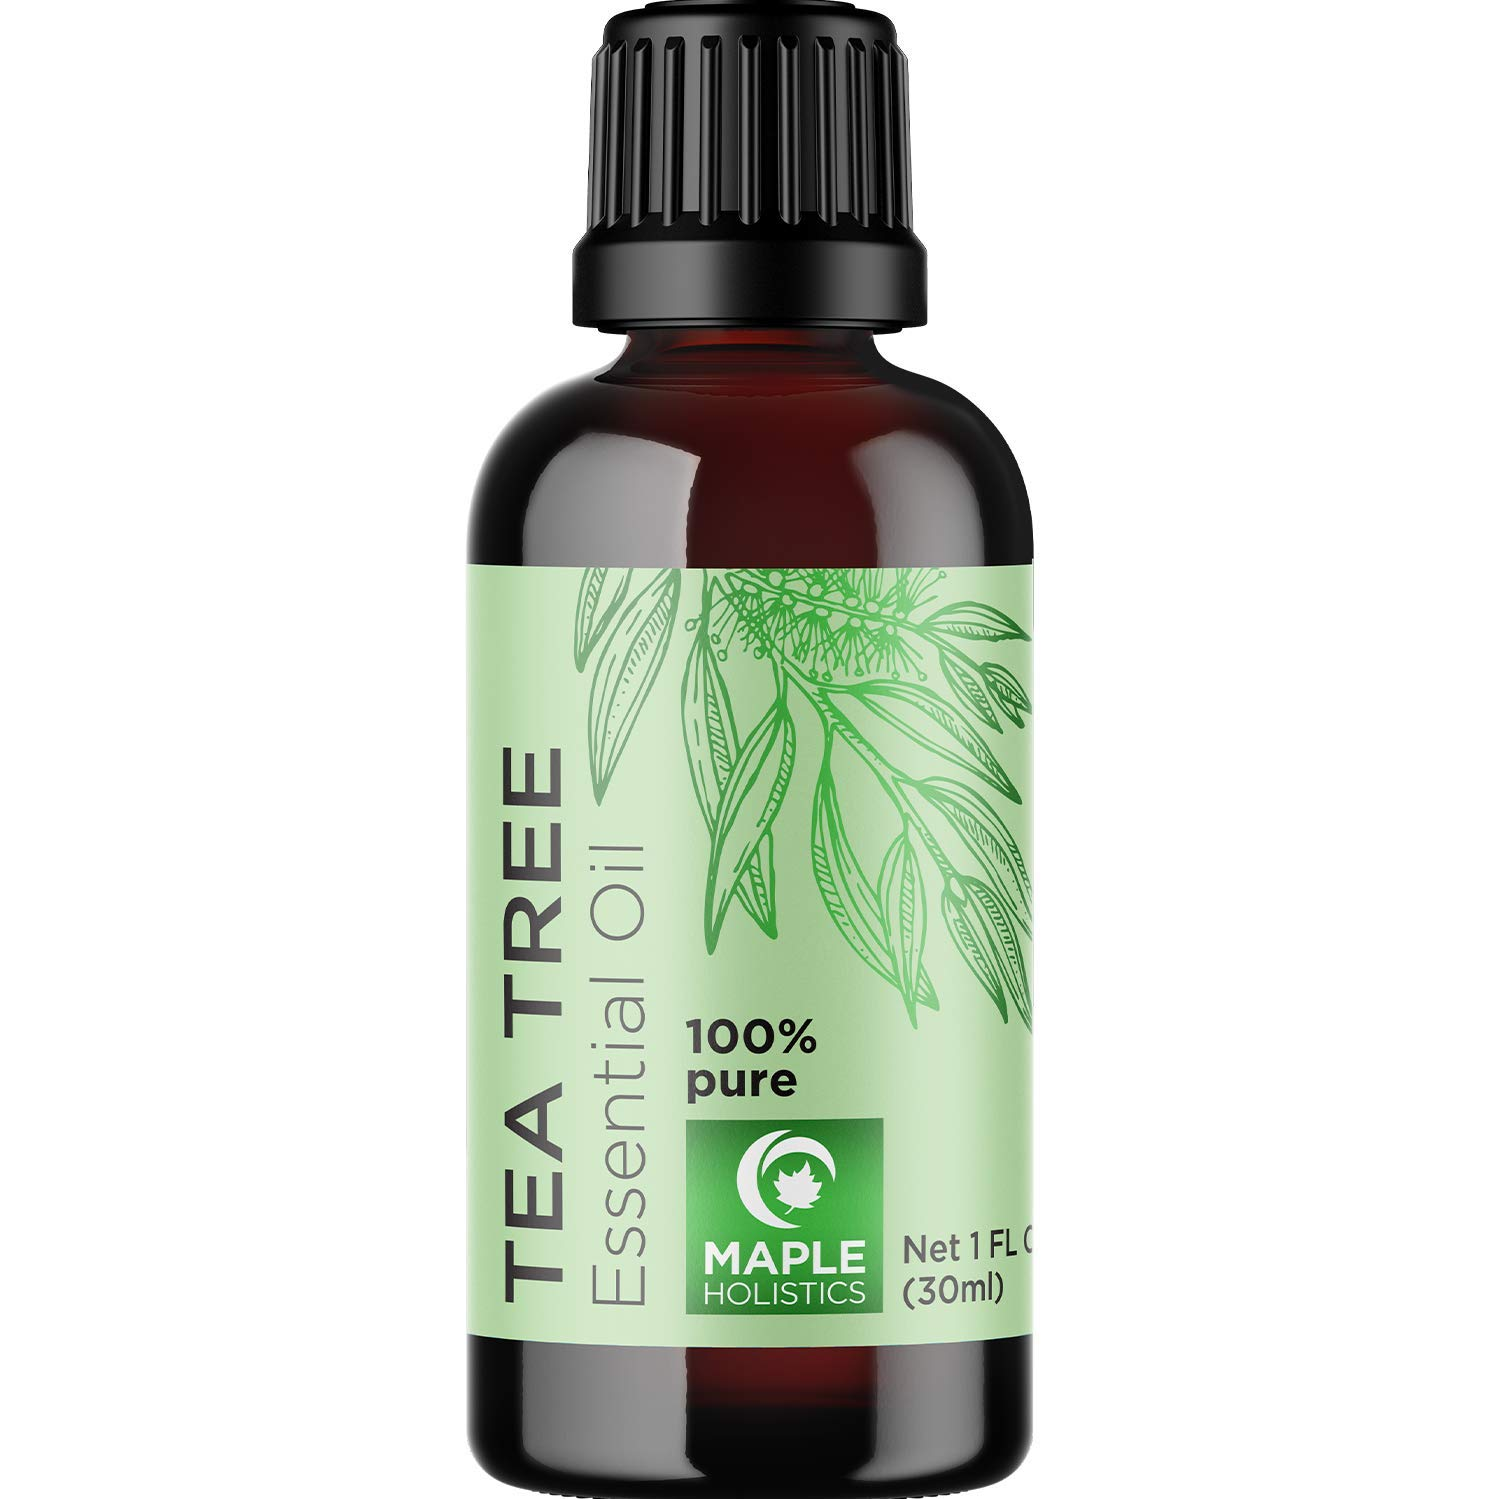 köpa tea tree oil